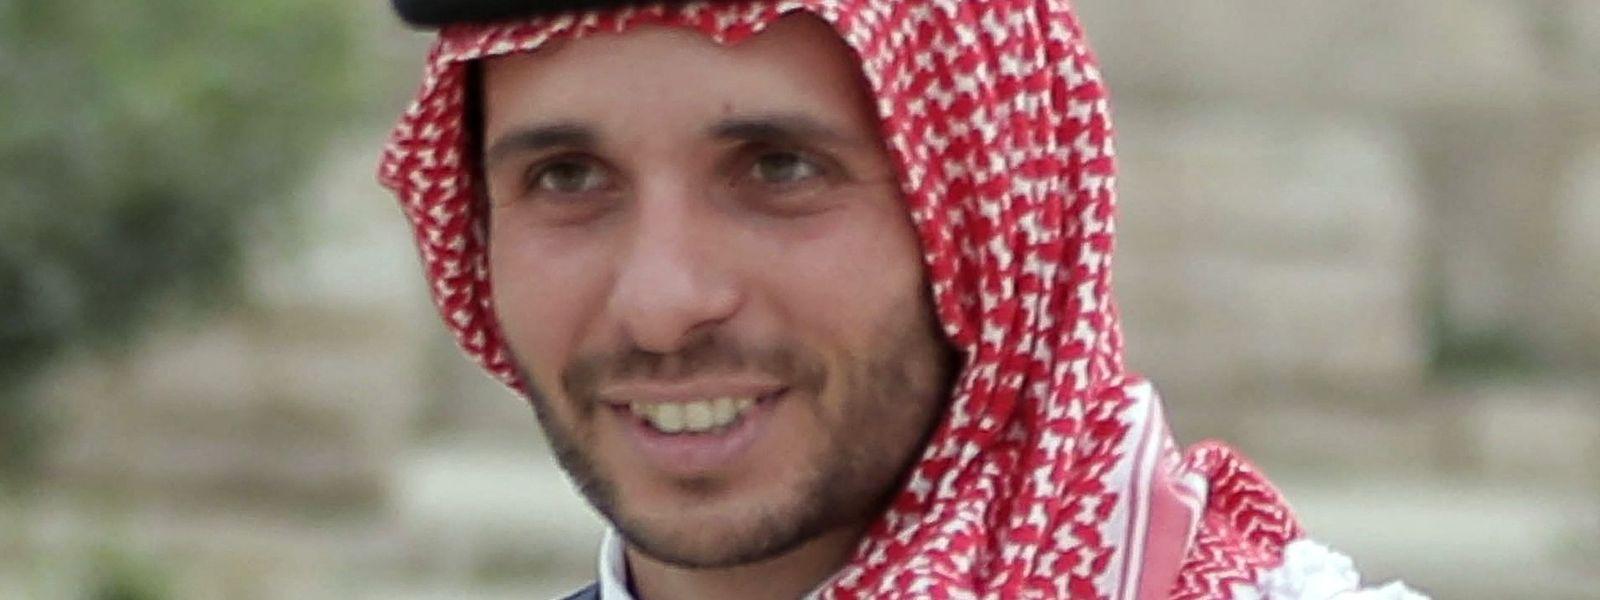 Prinz Hamsa bin Hussein ist offenbar bei seinem Halbbruder, König Abdullah II., in Ungnade gefallen.